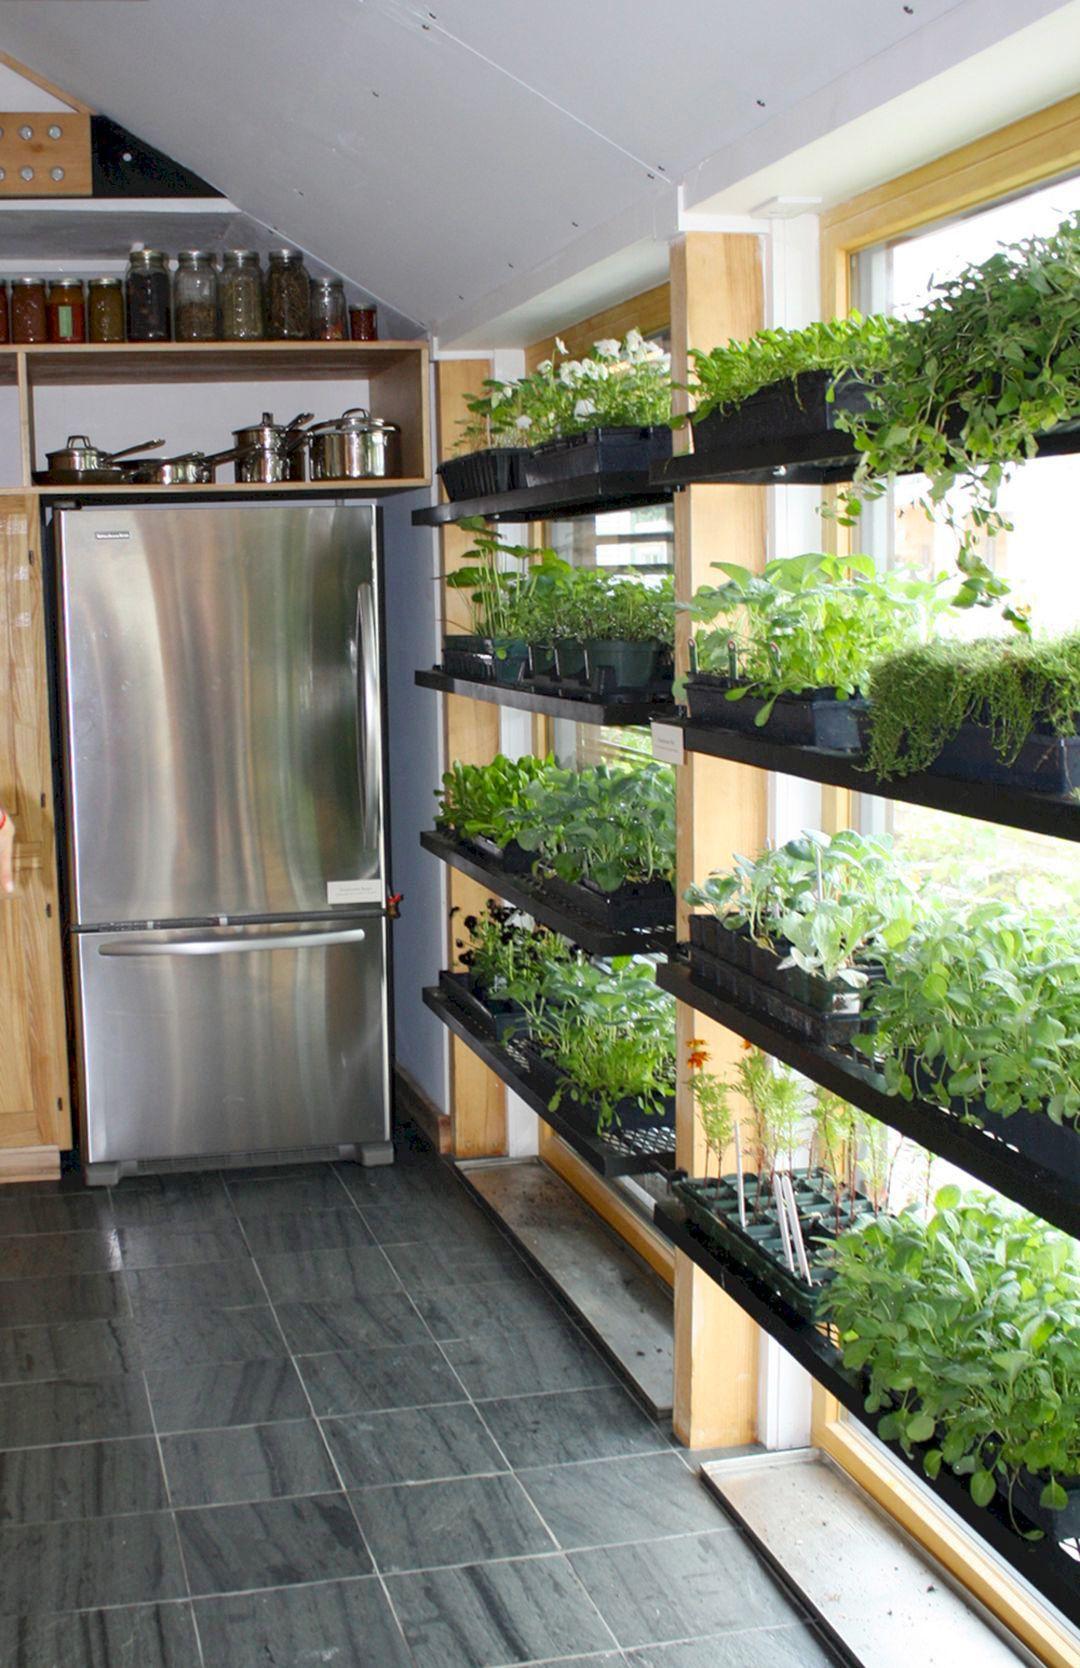 Twin Platform Bed Ikea, 175 Indoor Garden Apartment By Rexgarden In 2020 Herb Garden In Kitchen Indoor Vegetable Gardening Growing Plants Indoors